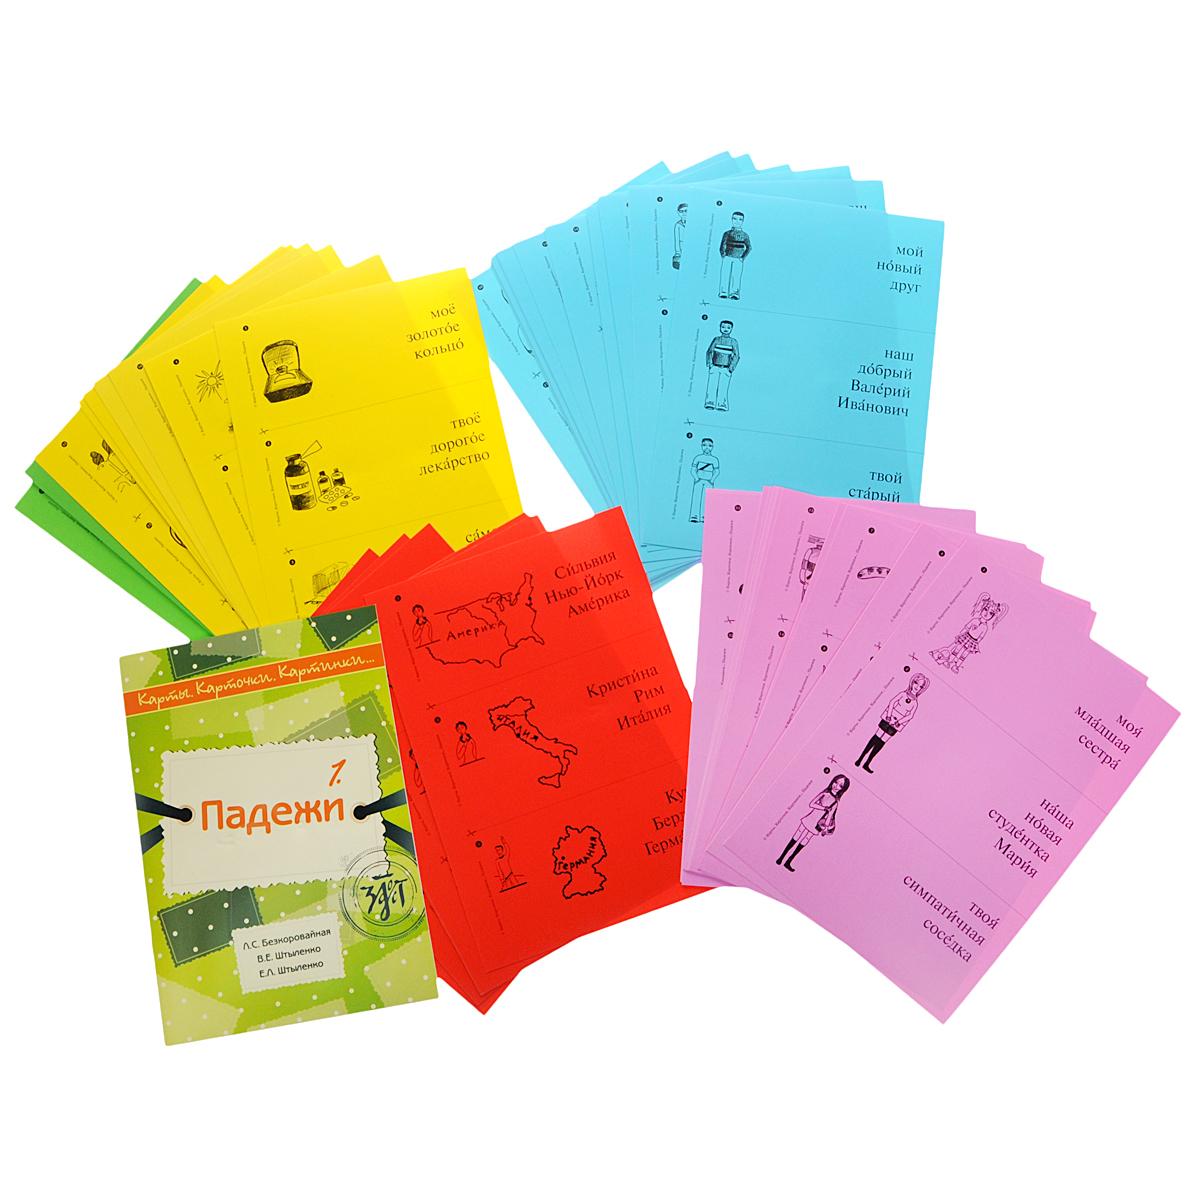 Карты, карточки, картинки... Выпуск 1. Падежи (+ CD-ROM)